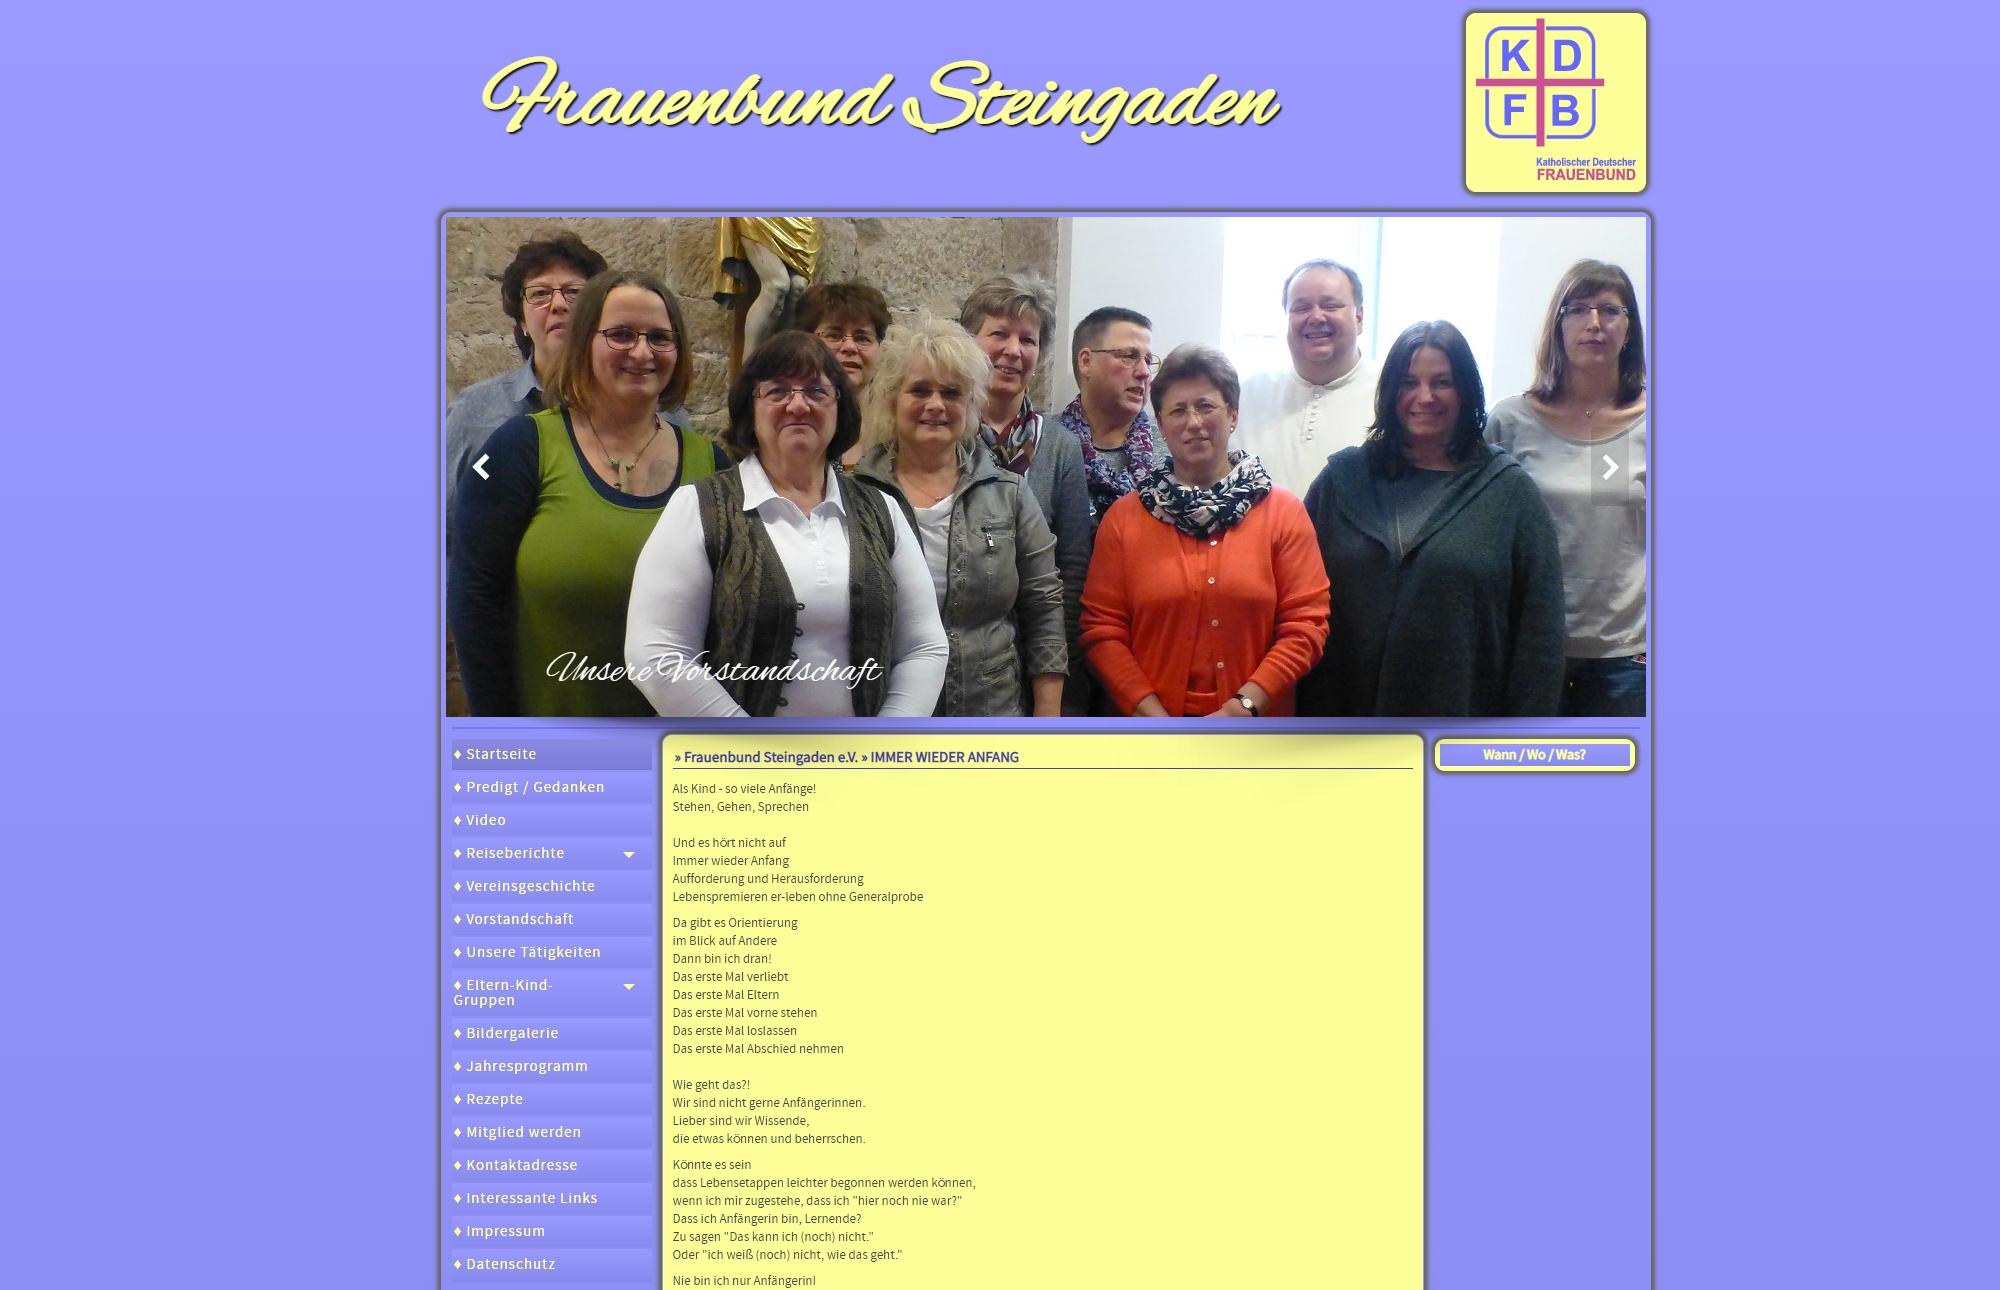 Frauenbund Steingaden